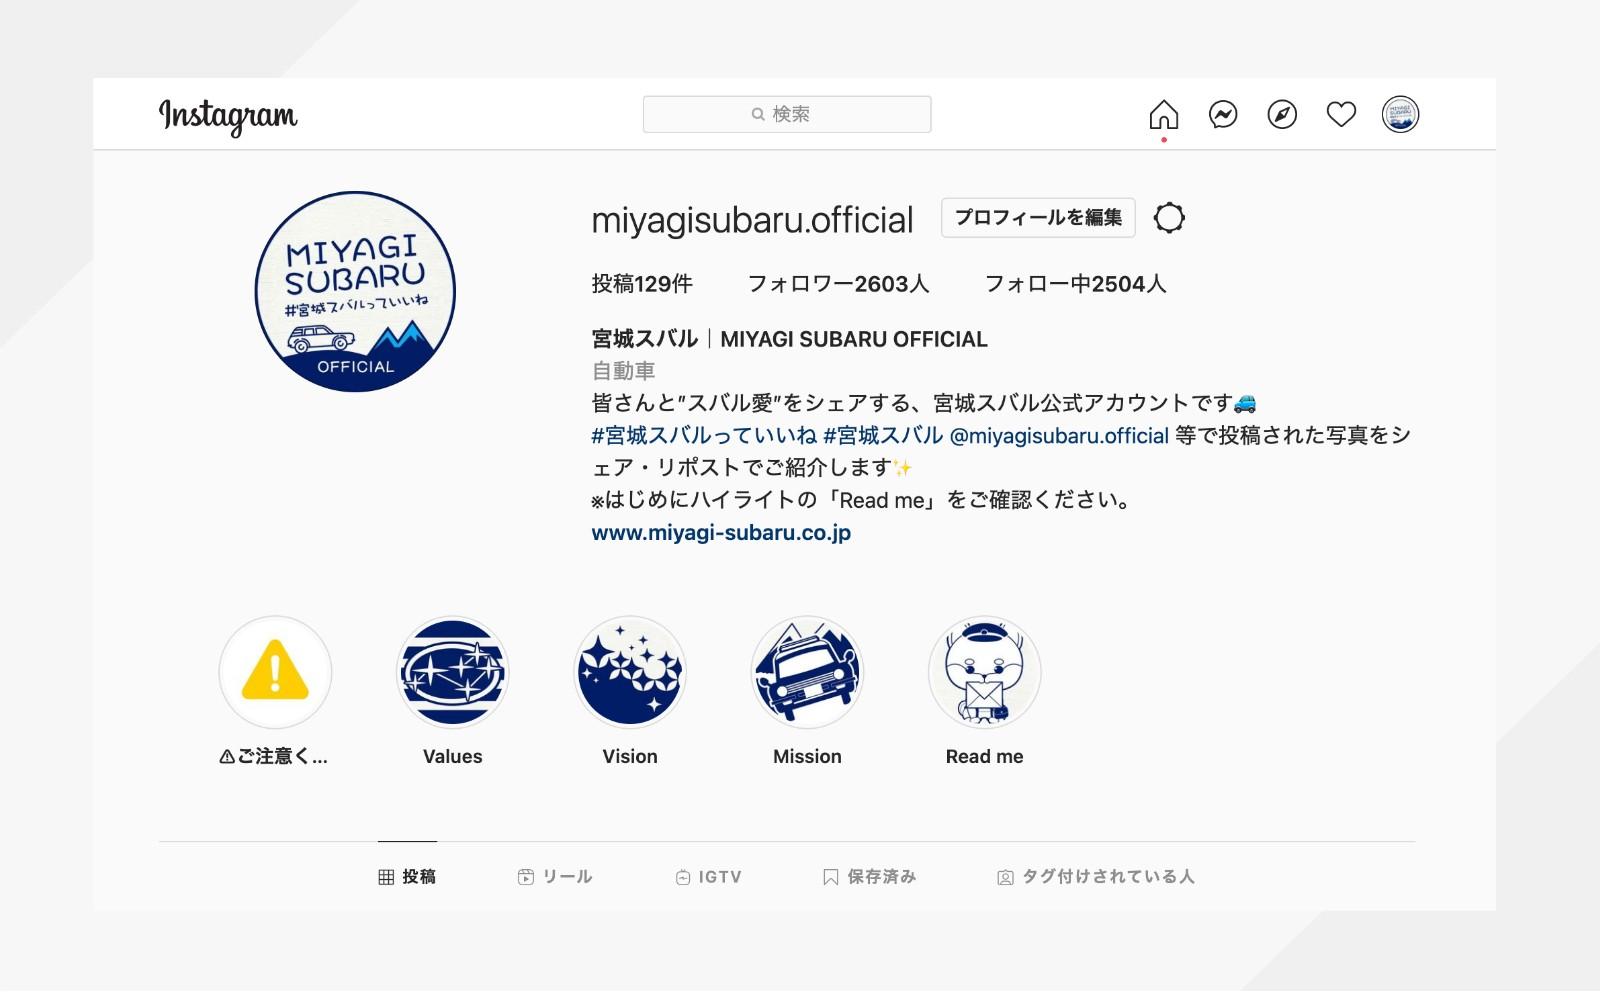 宮城スバルホームページロゴ・アイコン制作